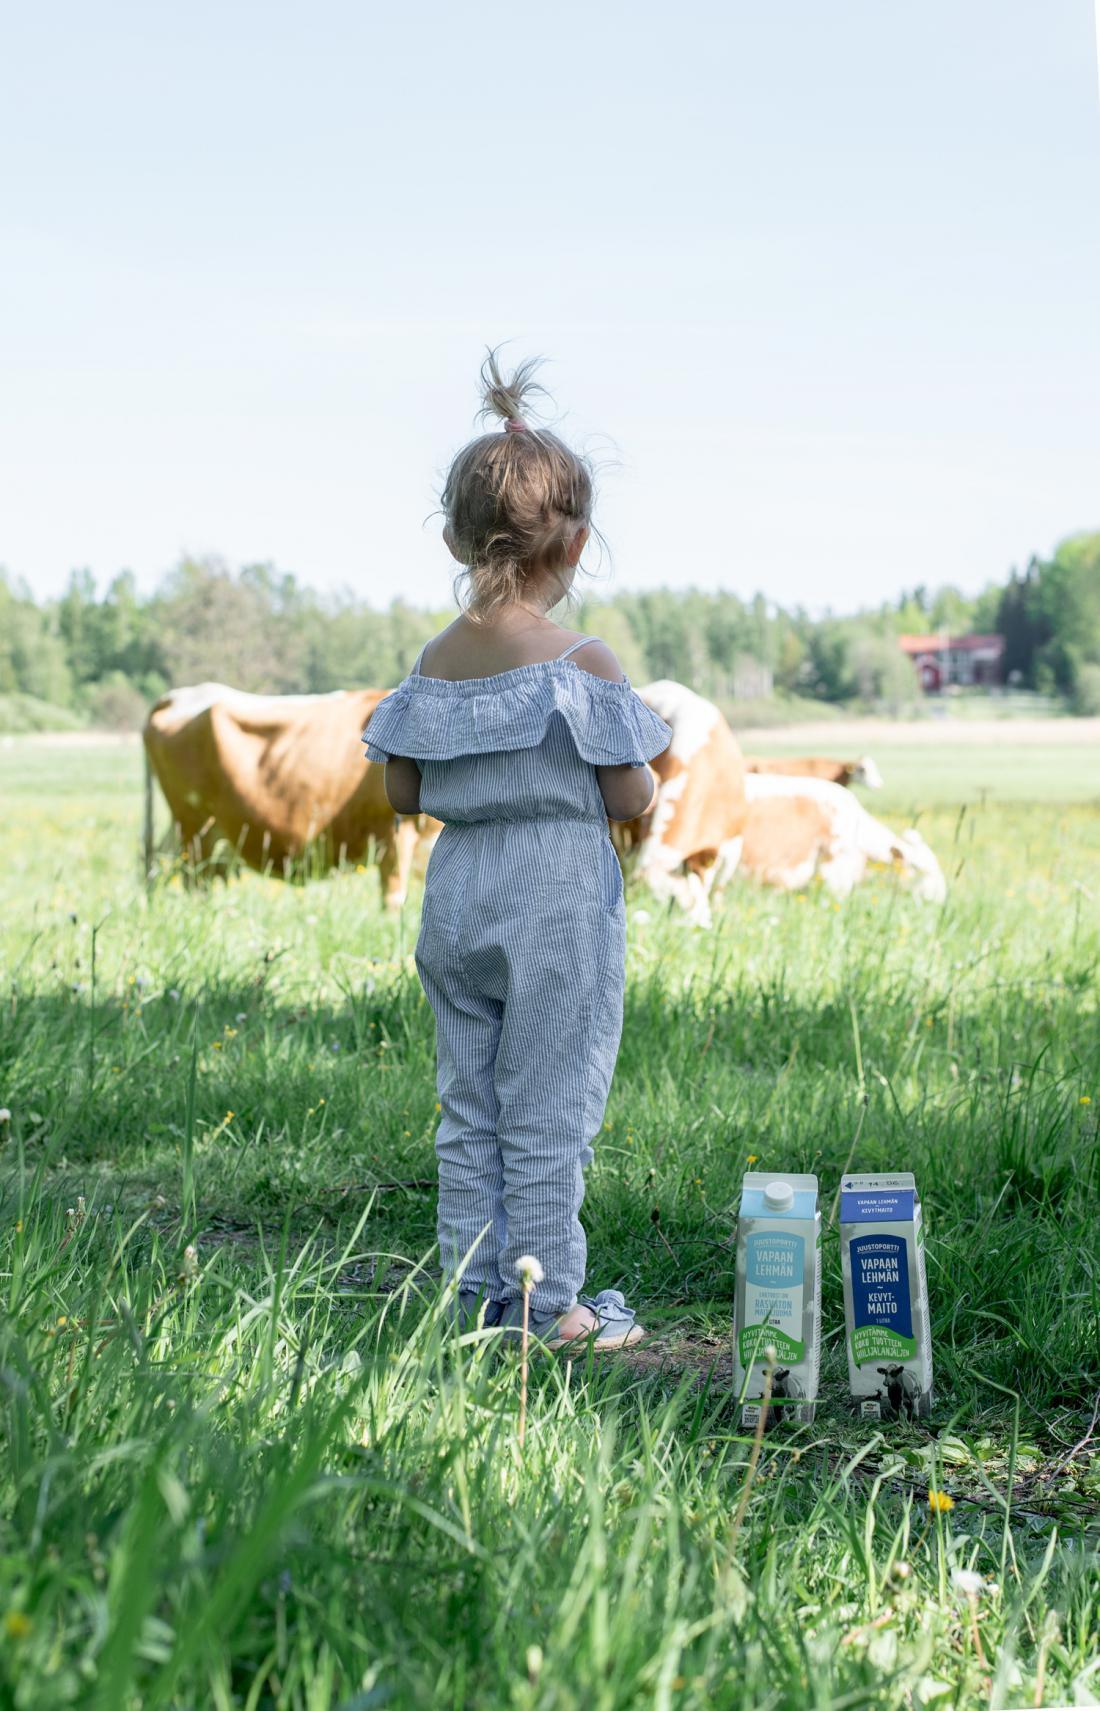 Lehmän Maito